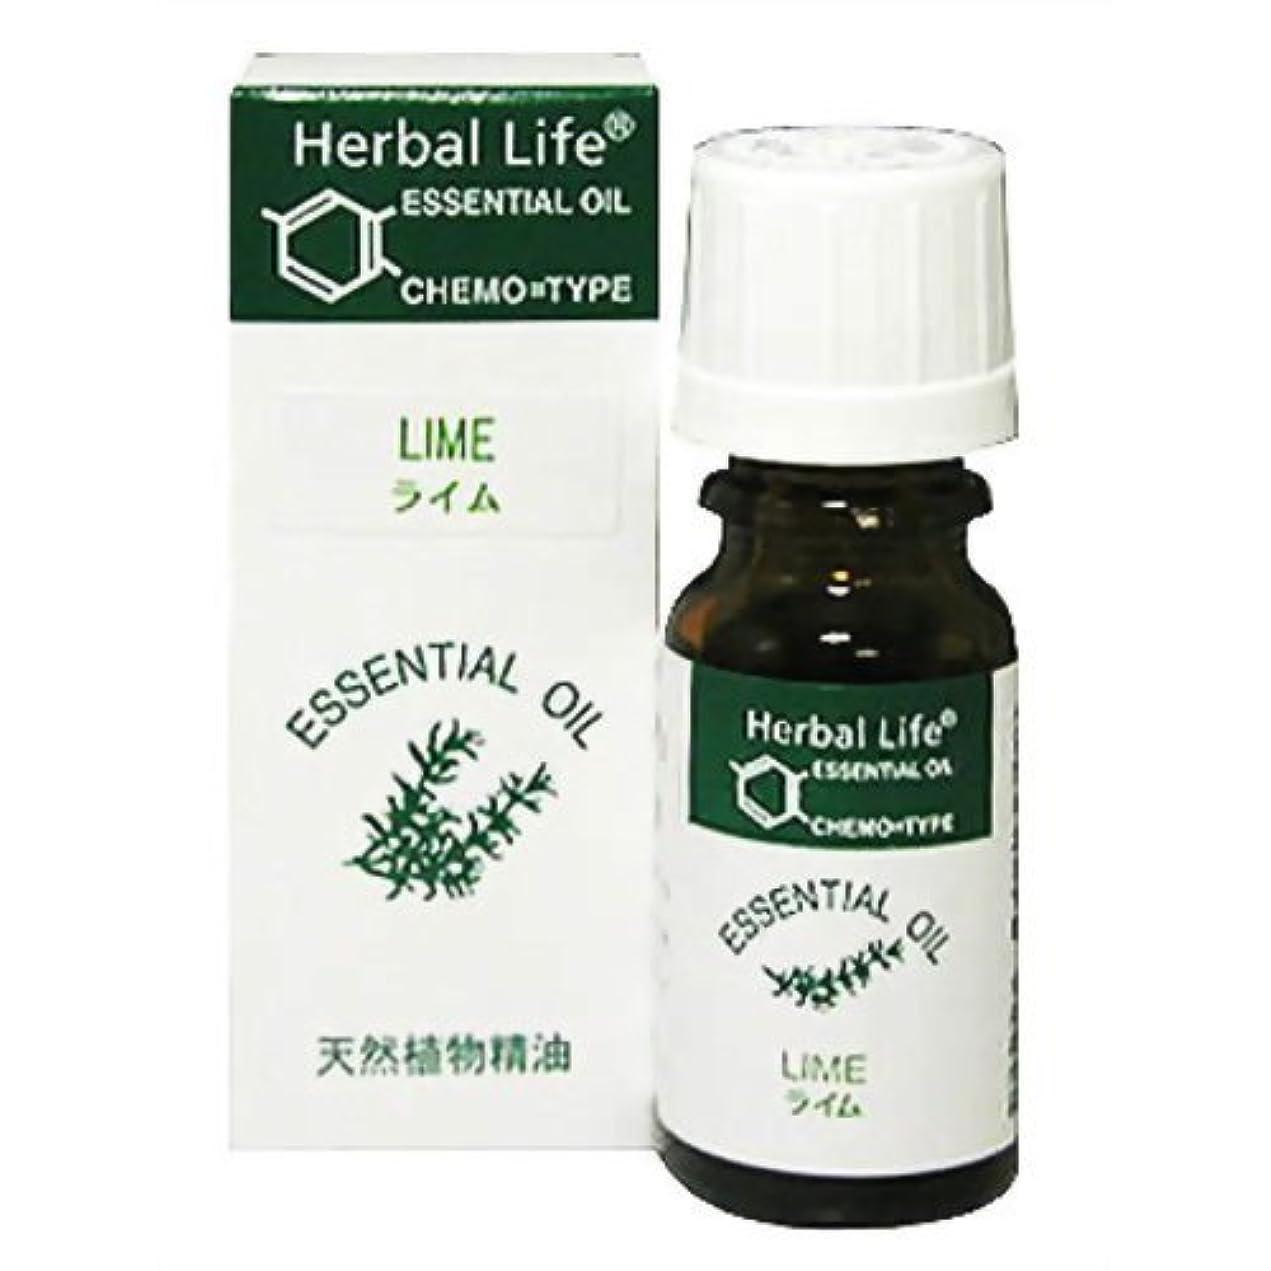 差し引くカスケード逸脱生活の木 Herbal Life ライム 10ml